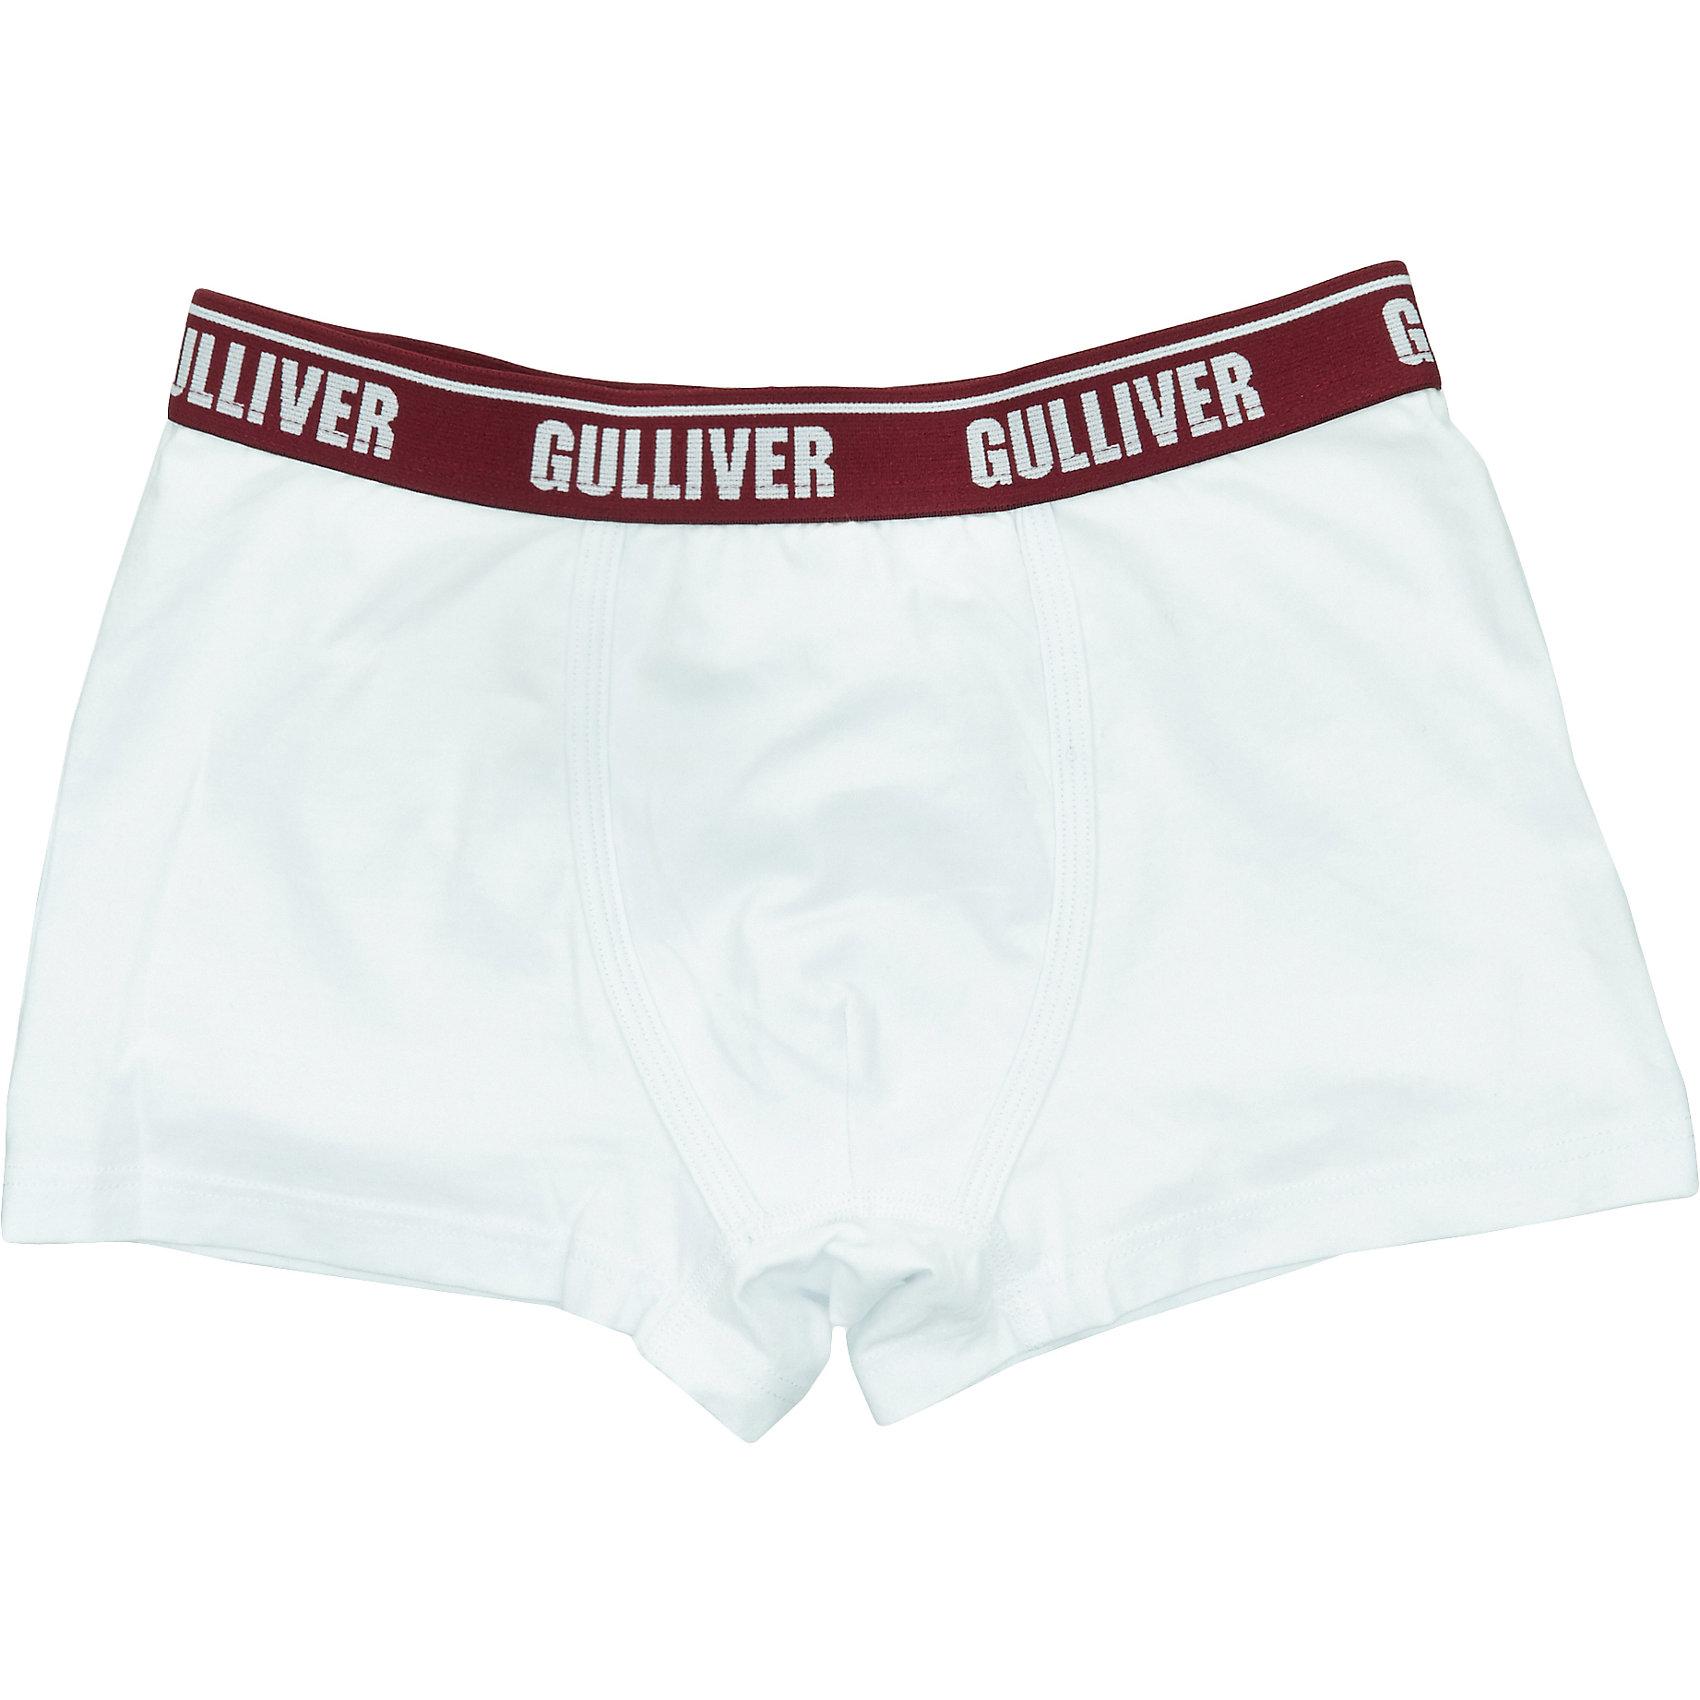 Трусы Gulliver для мальчикаНижнее бельё<br>Трусы Gulliver для мальчика<br>Белье для мальчиков должно быть красивым и удобным! - выбирая трусы для юного модника, каждая мама хочет купить детское белье, соответствующее самым высоким стандартам качества и комфорта. Детские трусы от Gulliver - идеальное решение для каждого дня. Интересный дизайн, мягкость, эстетичность, приятное прилегание к телу - залог хорошего самочувствия и отличного настроения ребенка.<br>Состав:<br>95% хлопок        5% эластан<br><br>Ширина мм: 196<br>Глубина мм: 10<br>Высота мм: 154<br>Вес г: 152<br>Цвет: белый<br>Возраст от месяцев: 144<br>Возраст до месяцев: 156<br>Пол: Мужской<br>Возраст: Детский<br>Размер: 158,98,110,122,134,146<br>SKU: 7078092